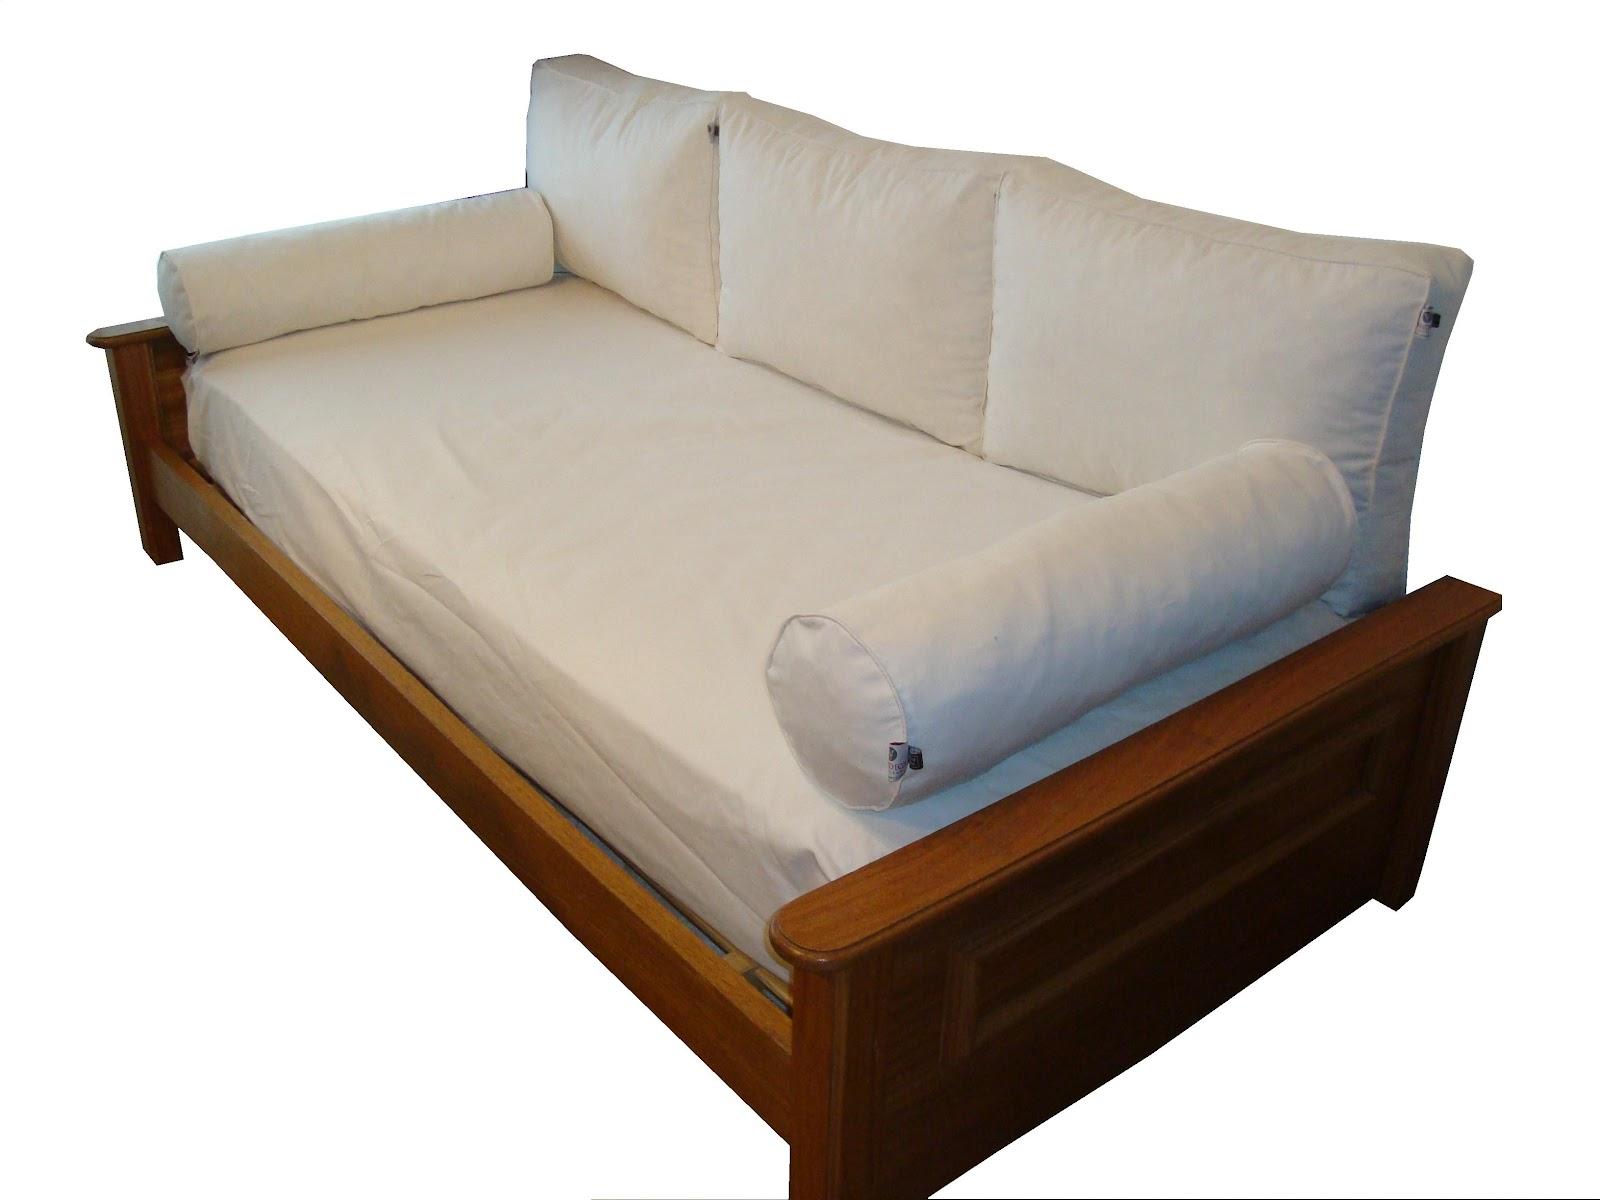 Fundas Para Un Sofa Cama Arm Cup Holder Vändeco Design Kits De Y Almohadones